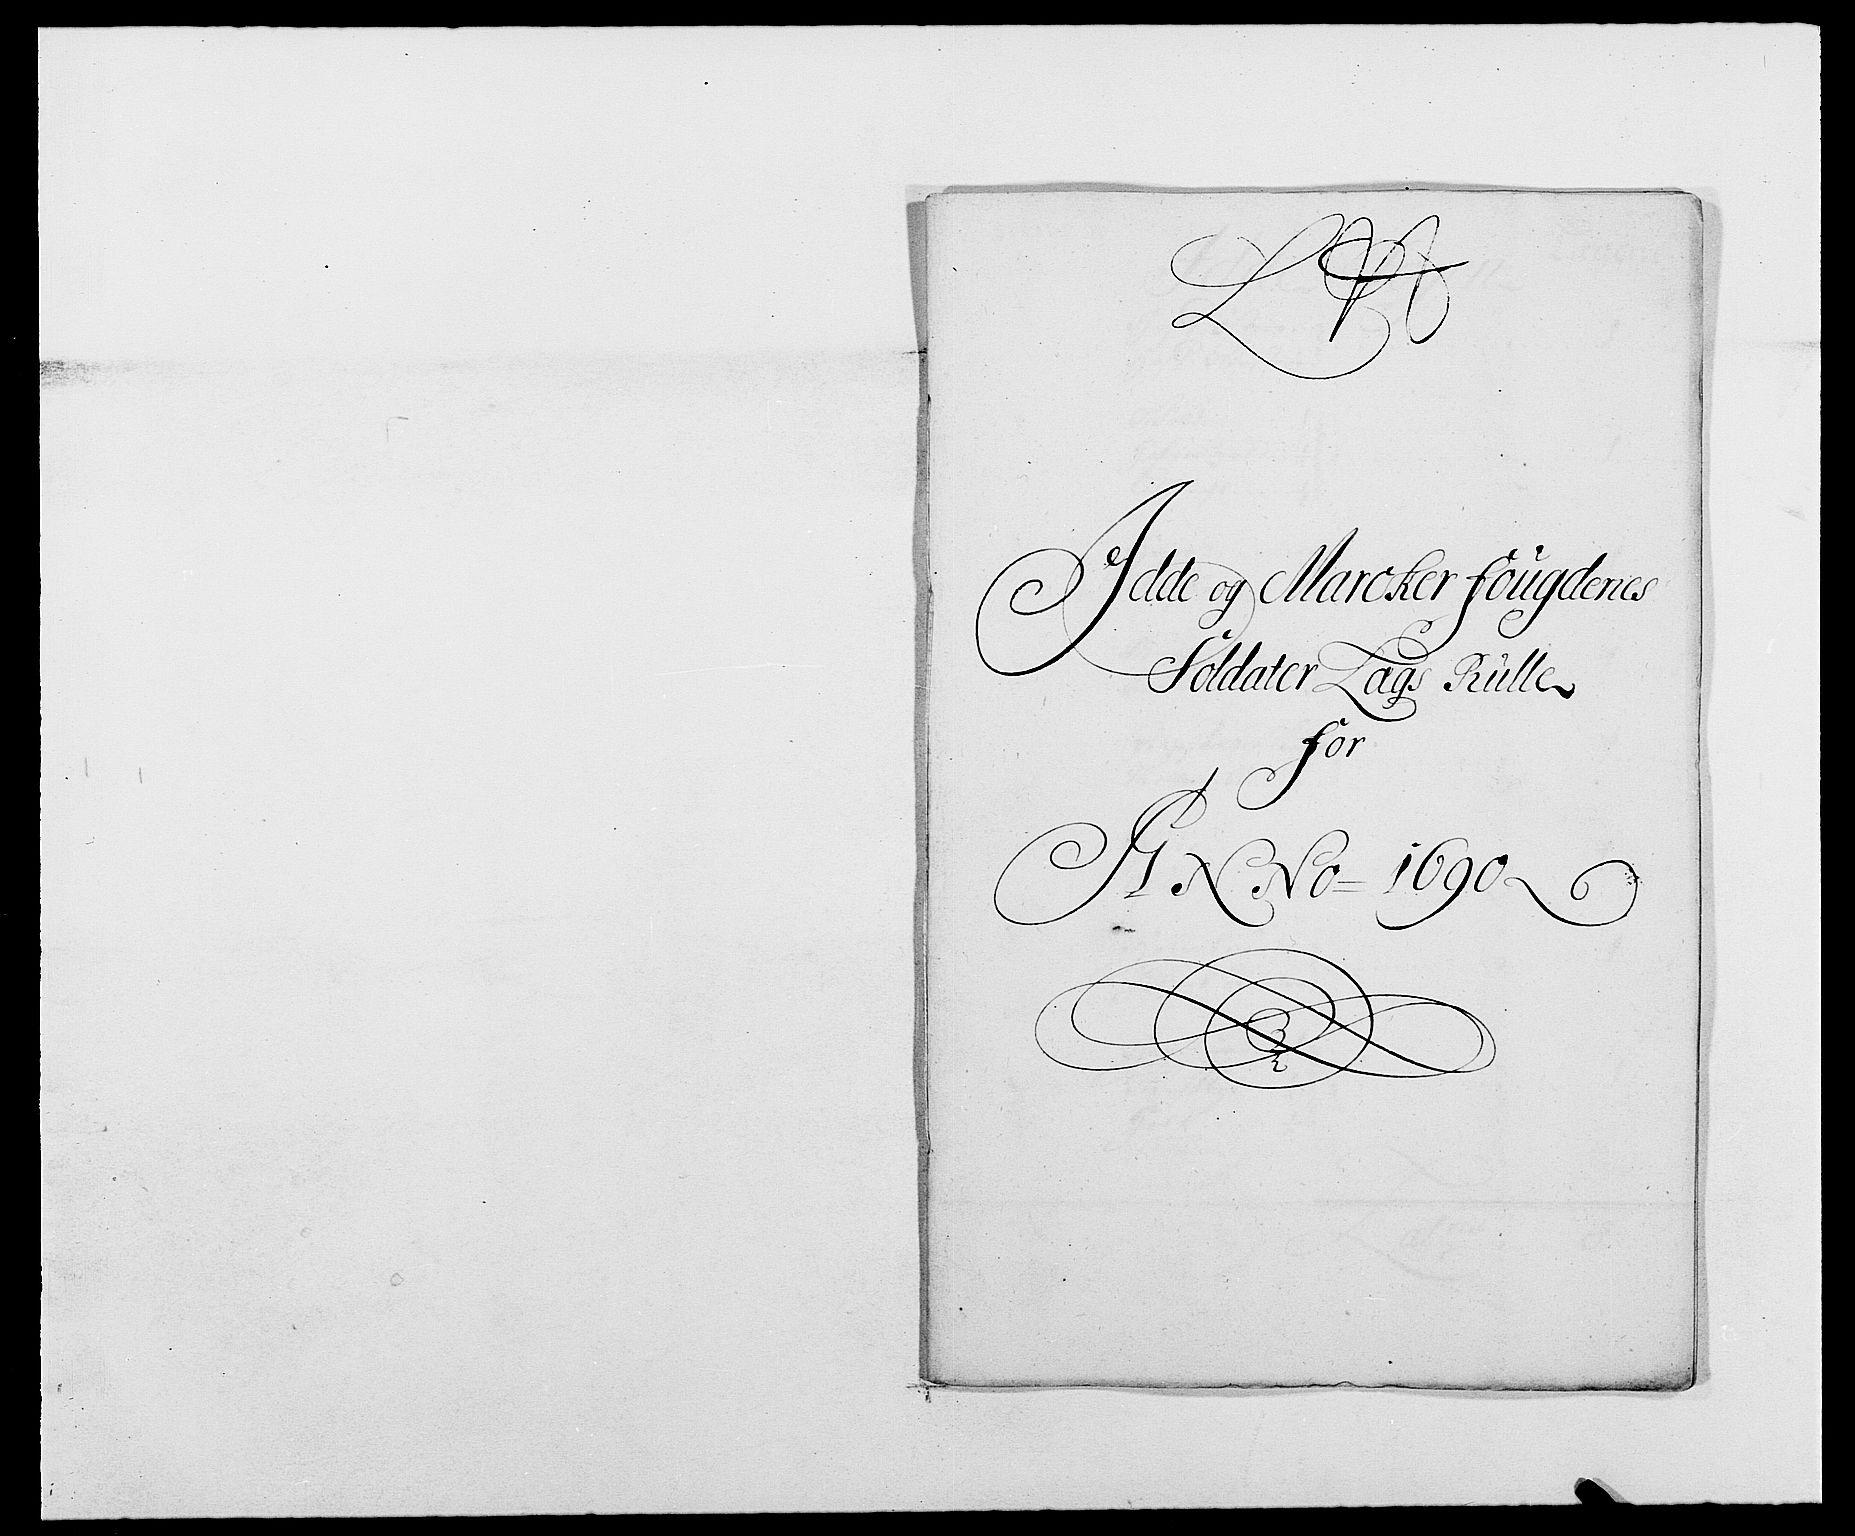 RA, Rentekammeret inntil 1814, Reviderte regnskaper, Fogderegnskap, R01/L0010: Fogderegnskap Idd og Marker, 1690-1691, s. 247